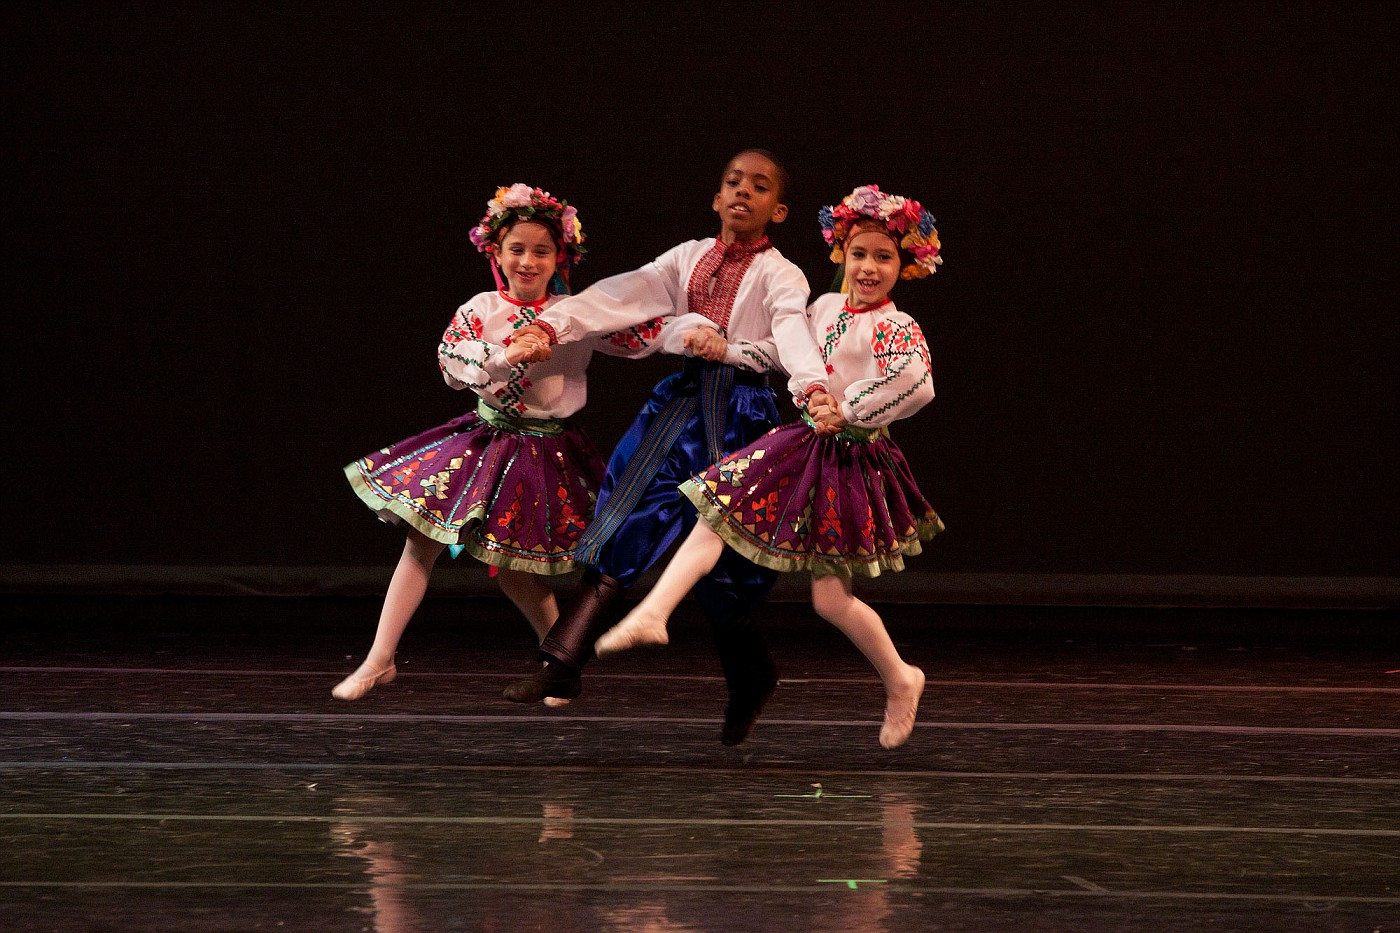 portrait-photography-children-ballet-20100617_0037.jpg